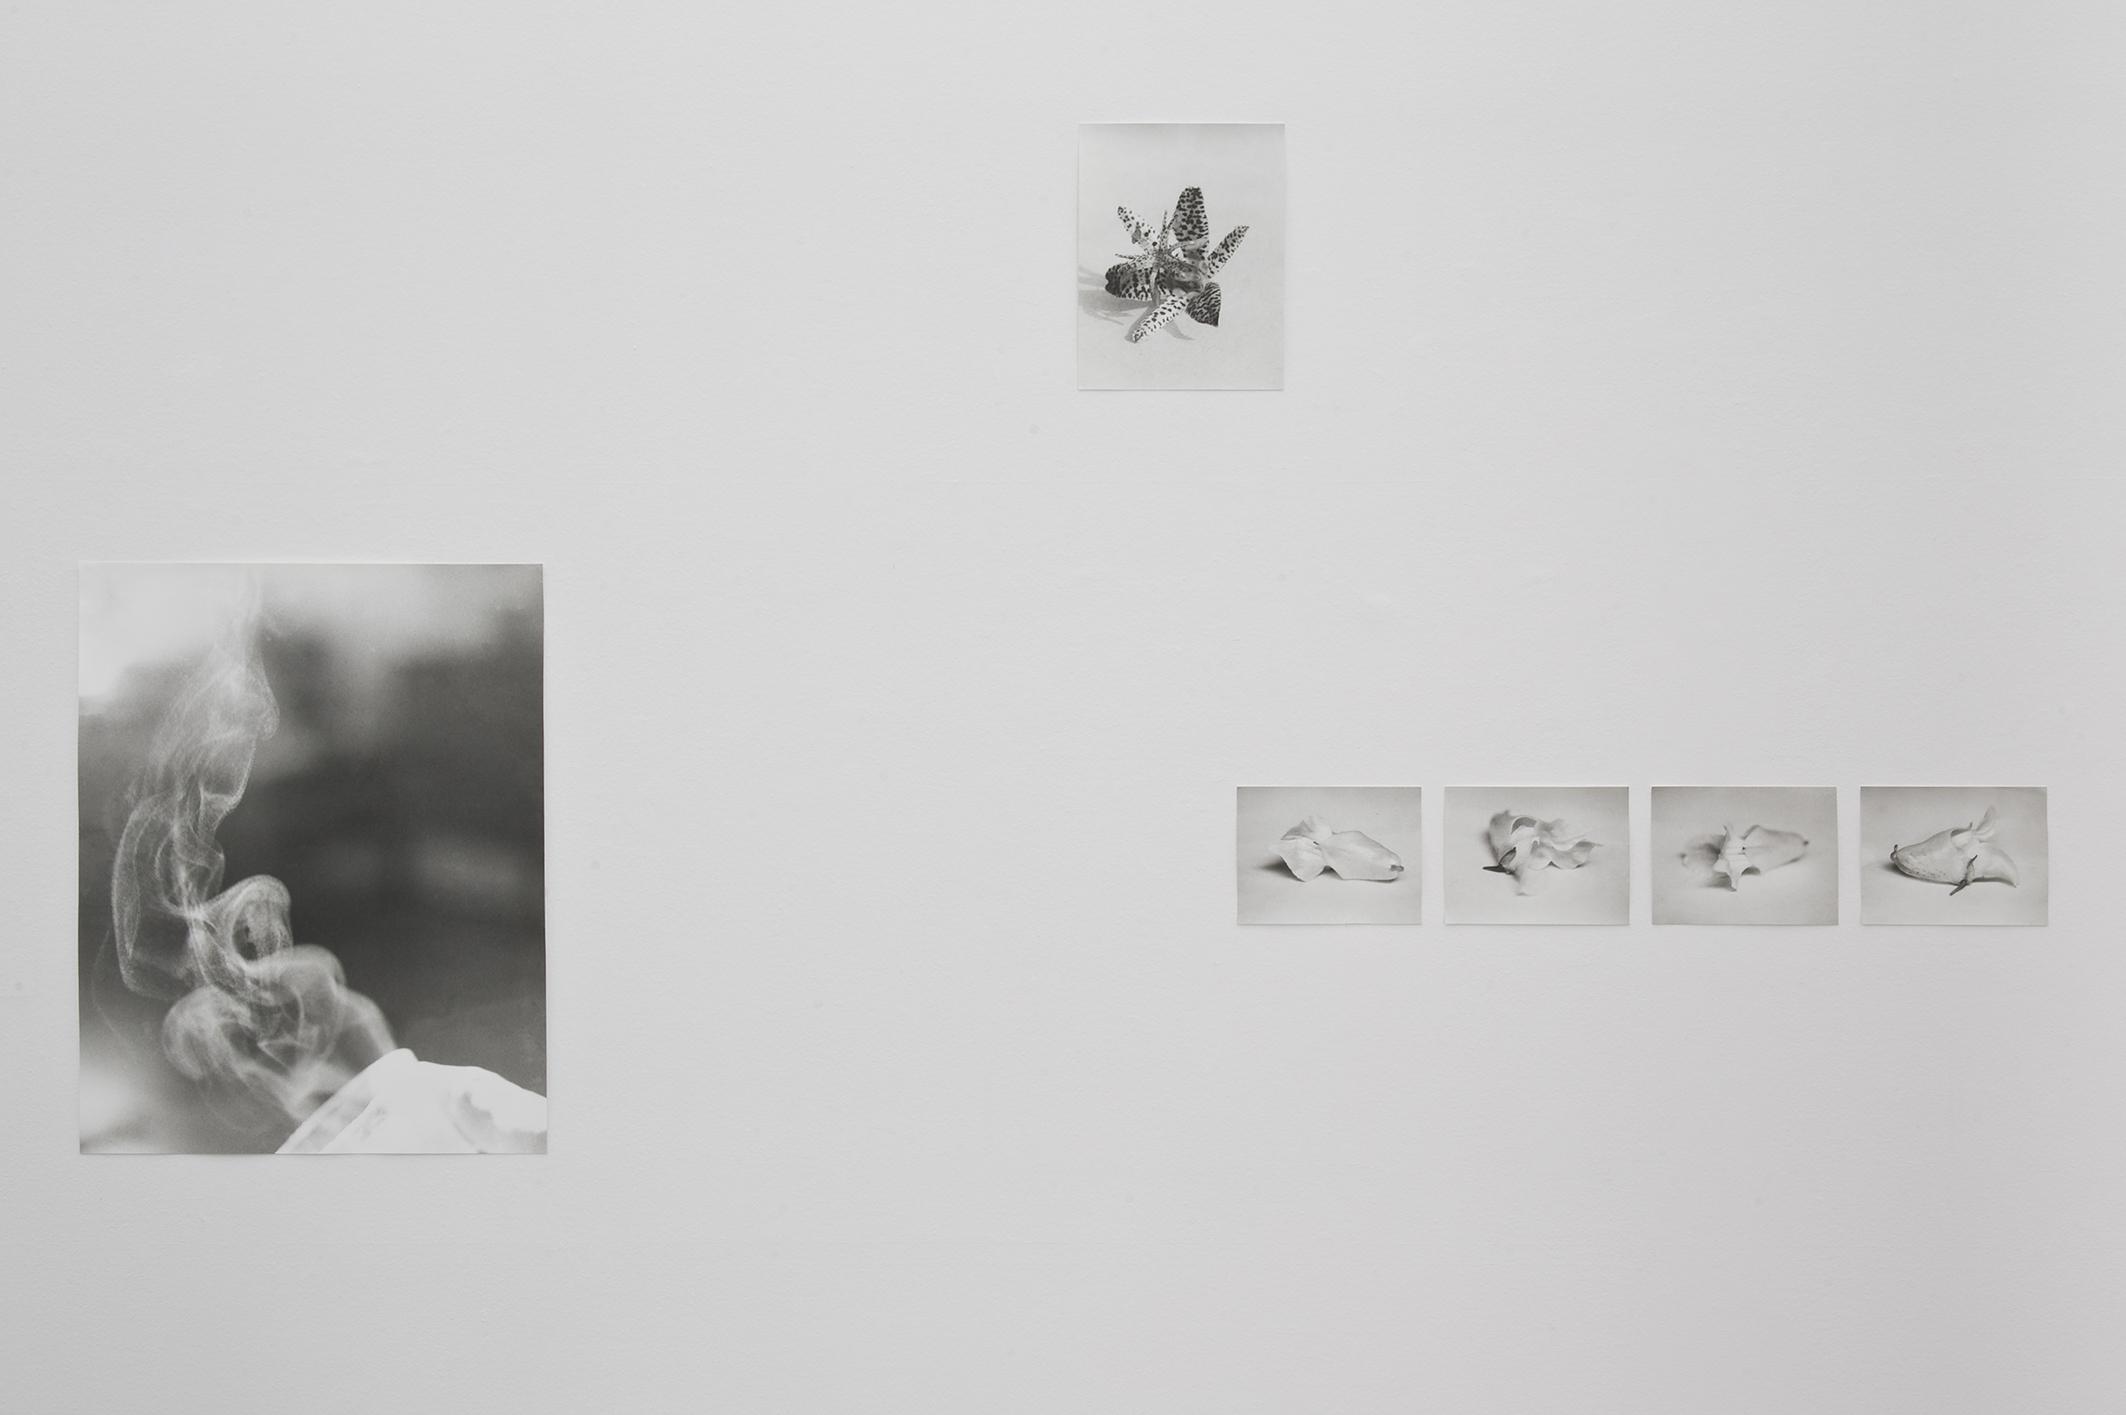 Installation view: Jochen Lempert, Projecte SD, Barcelona, 2014 | Jochen Lempert | ProjecteSD